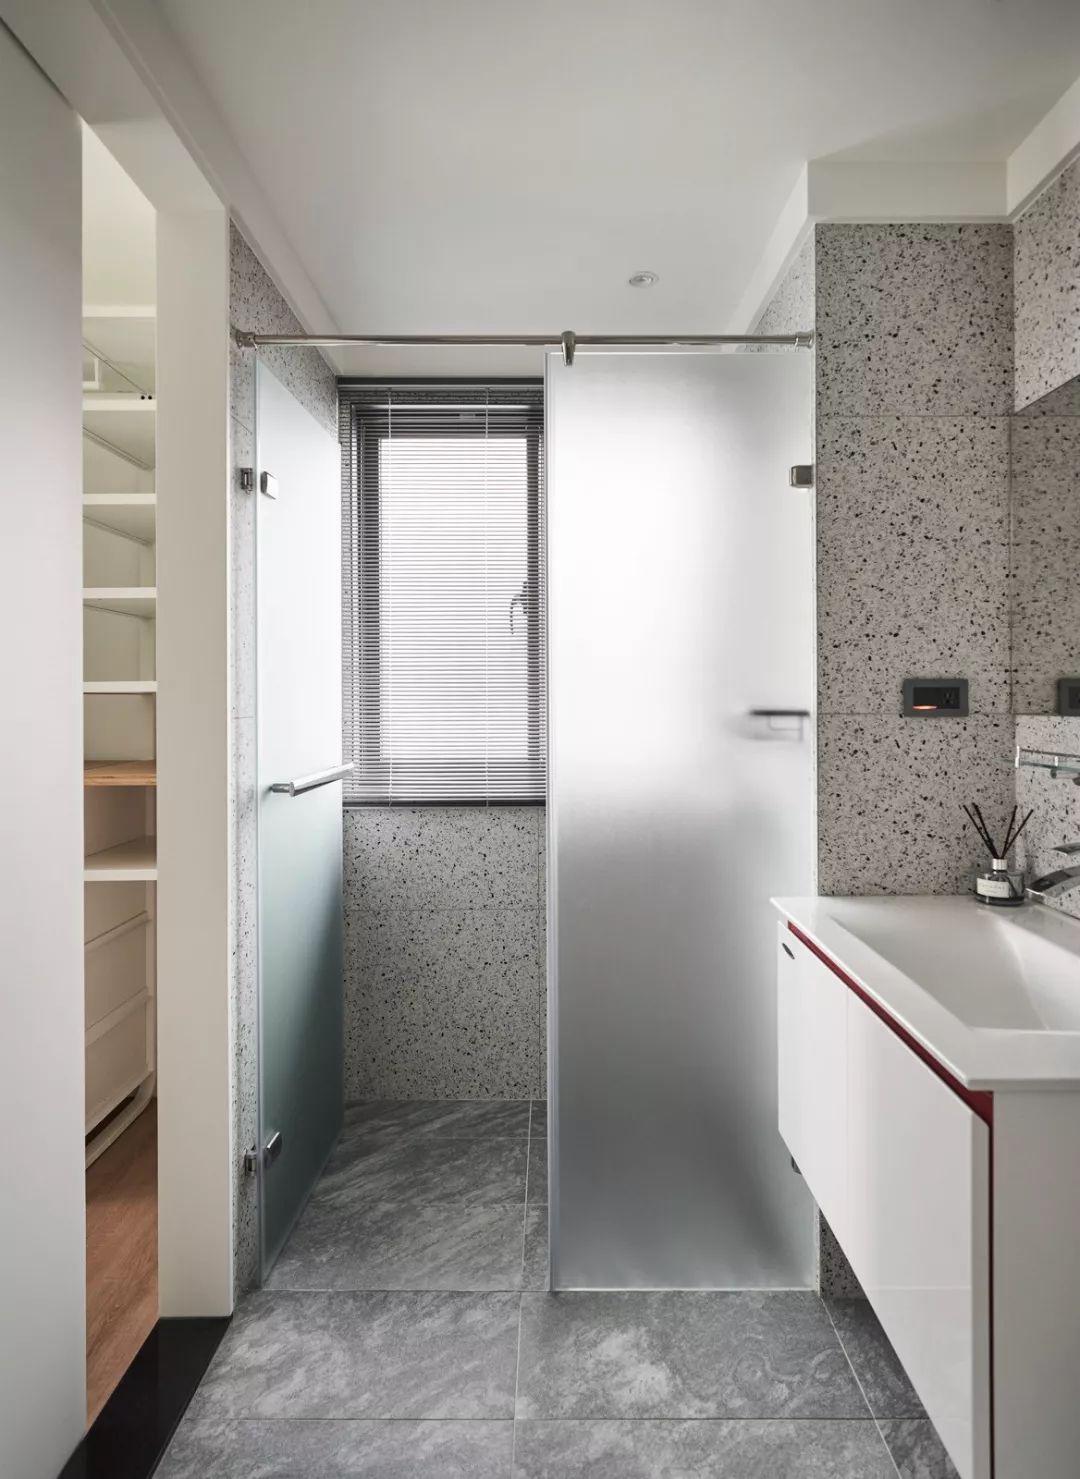 怀特室内设计: 台式风格家居装修设计作品